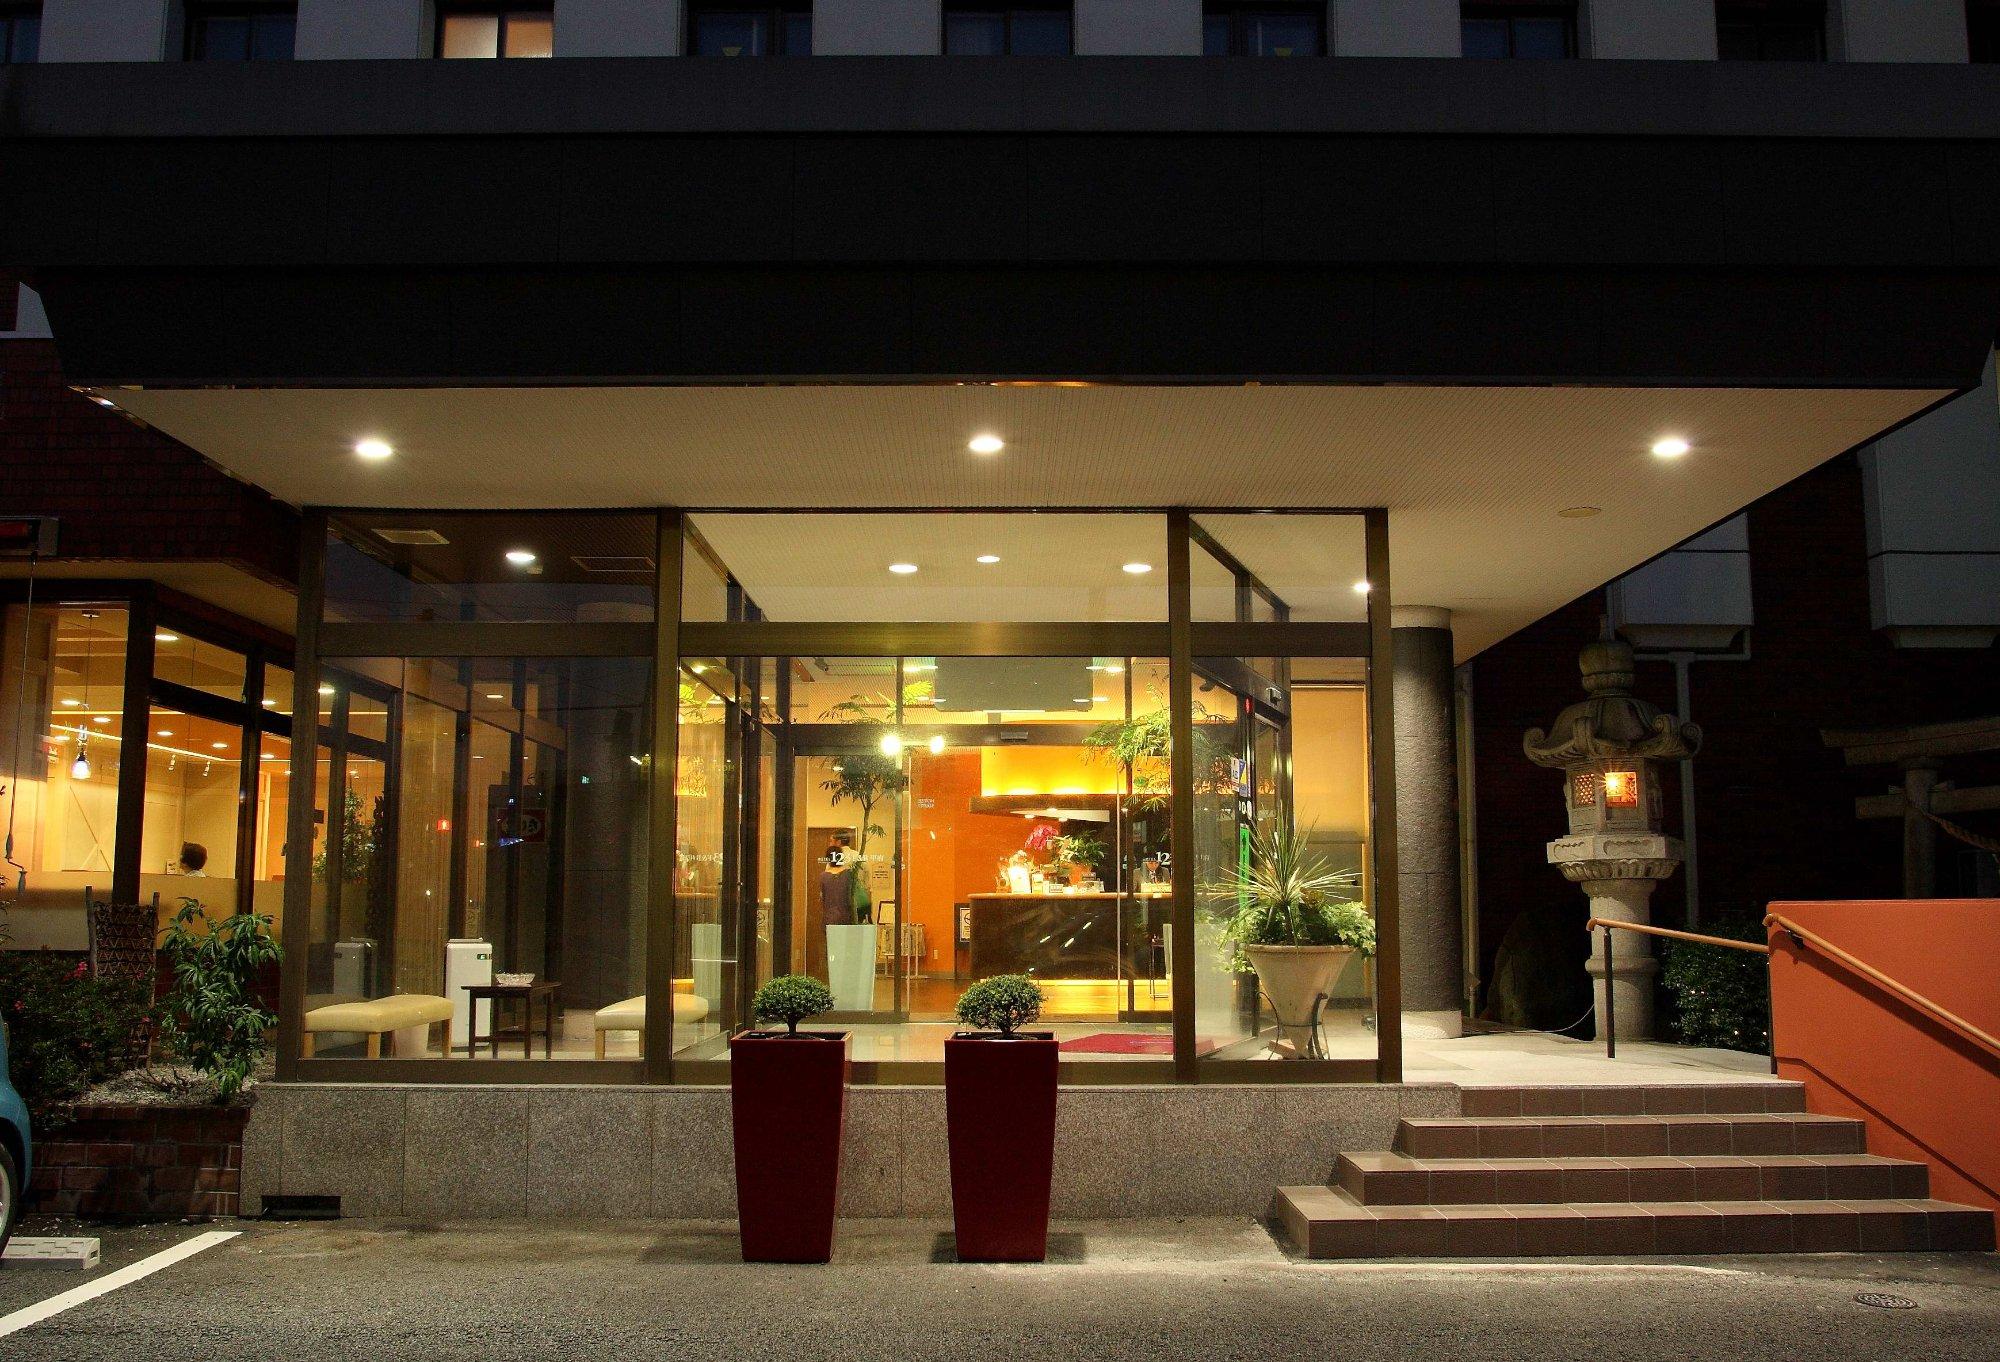 ホテル1-2-3甲府・信玄温泉